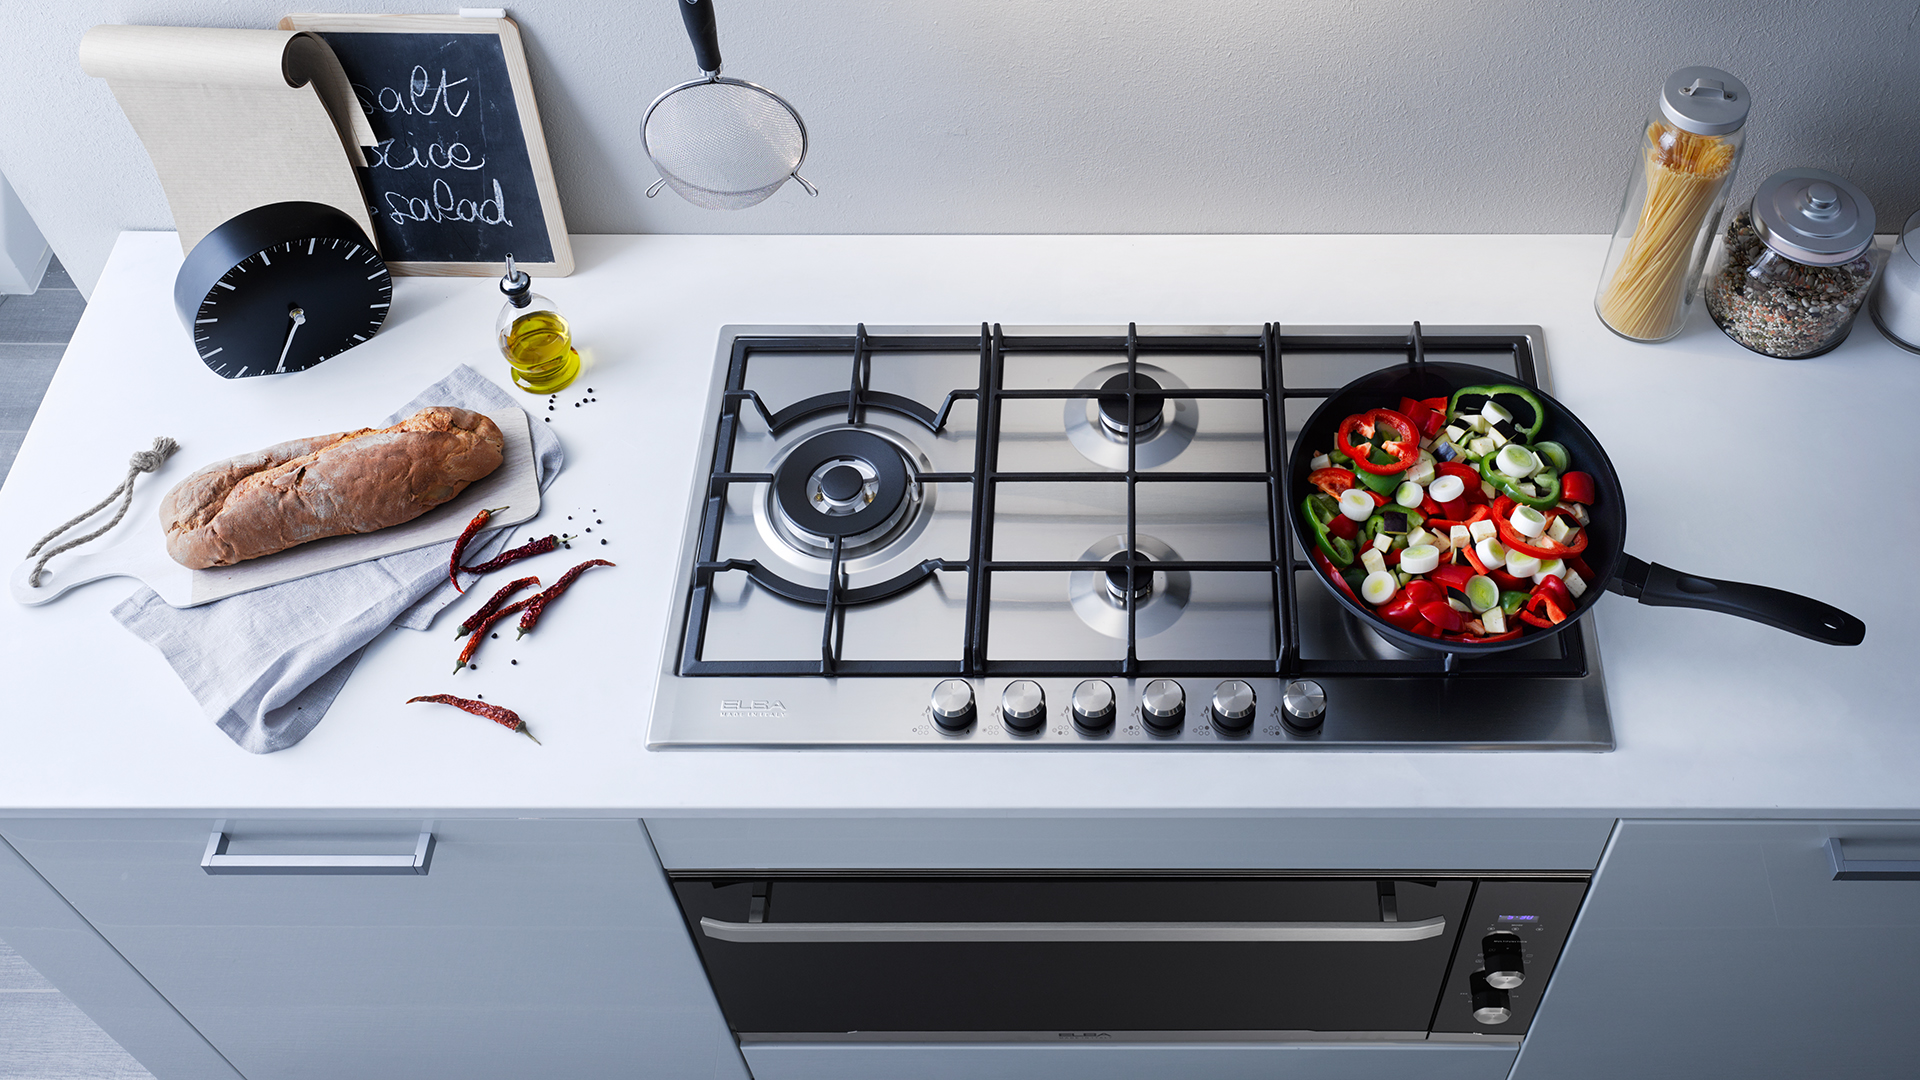 Какая фирма газовых плит лучше: помощь в выборе кухонной плиты